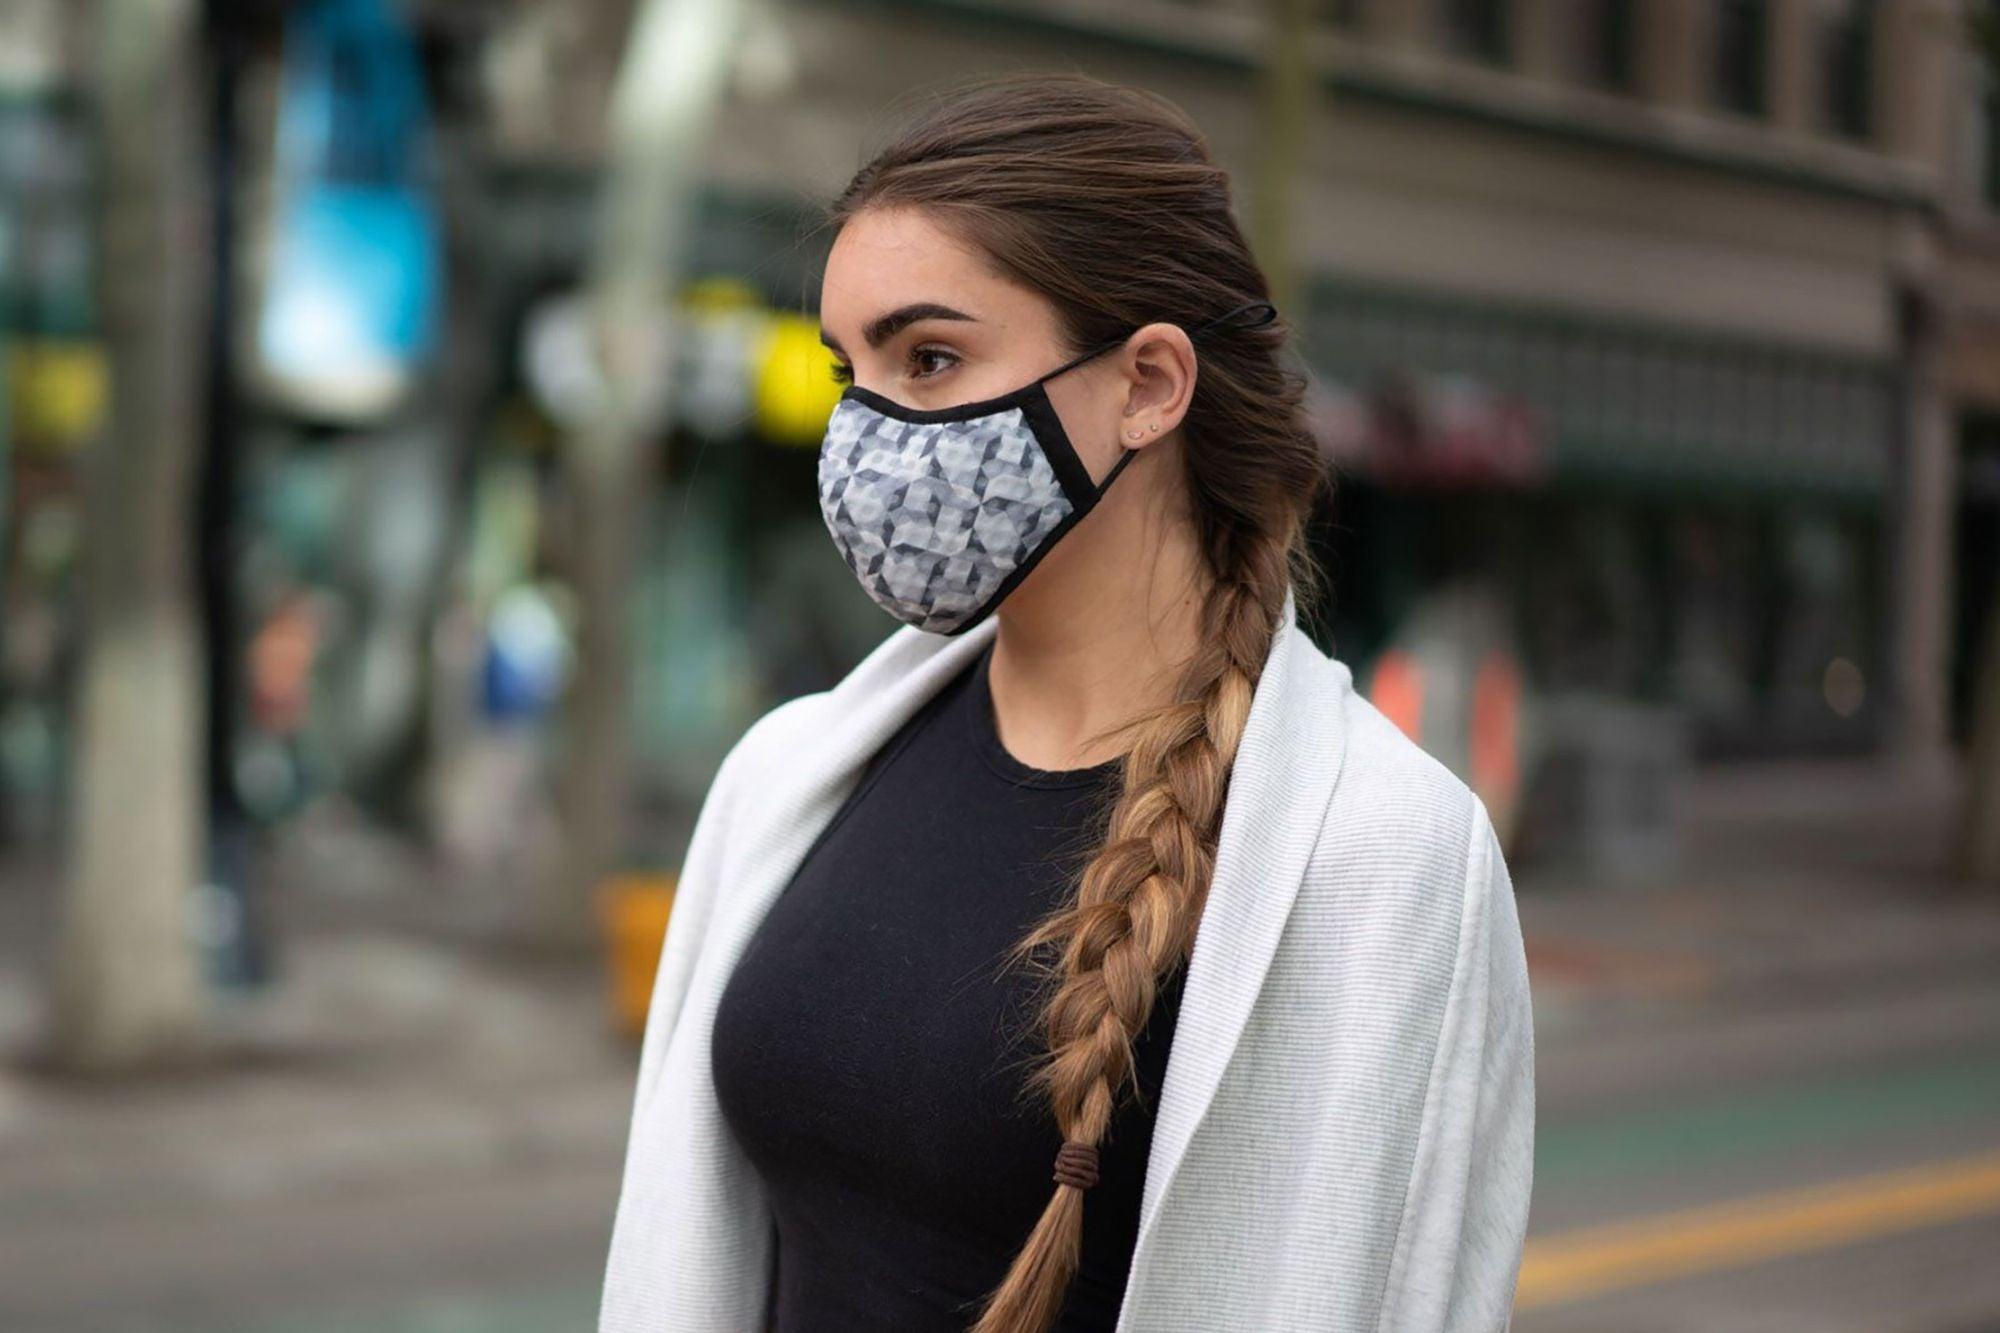 Plusieurs pays d'Europe centrale ont décidé de rendre obligatoire le port de masque ou de tissus pour limiter la propagation du nouveau coronavirus.